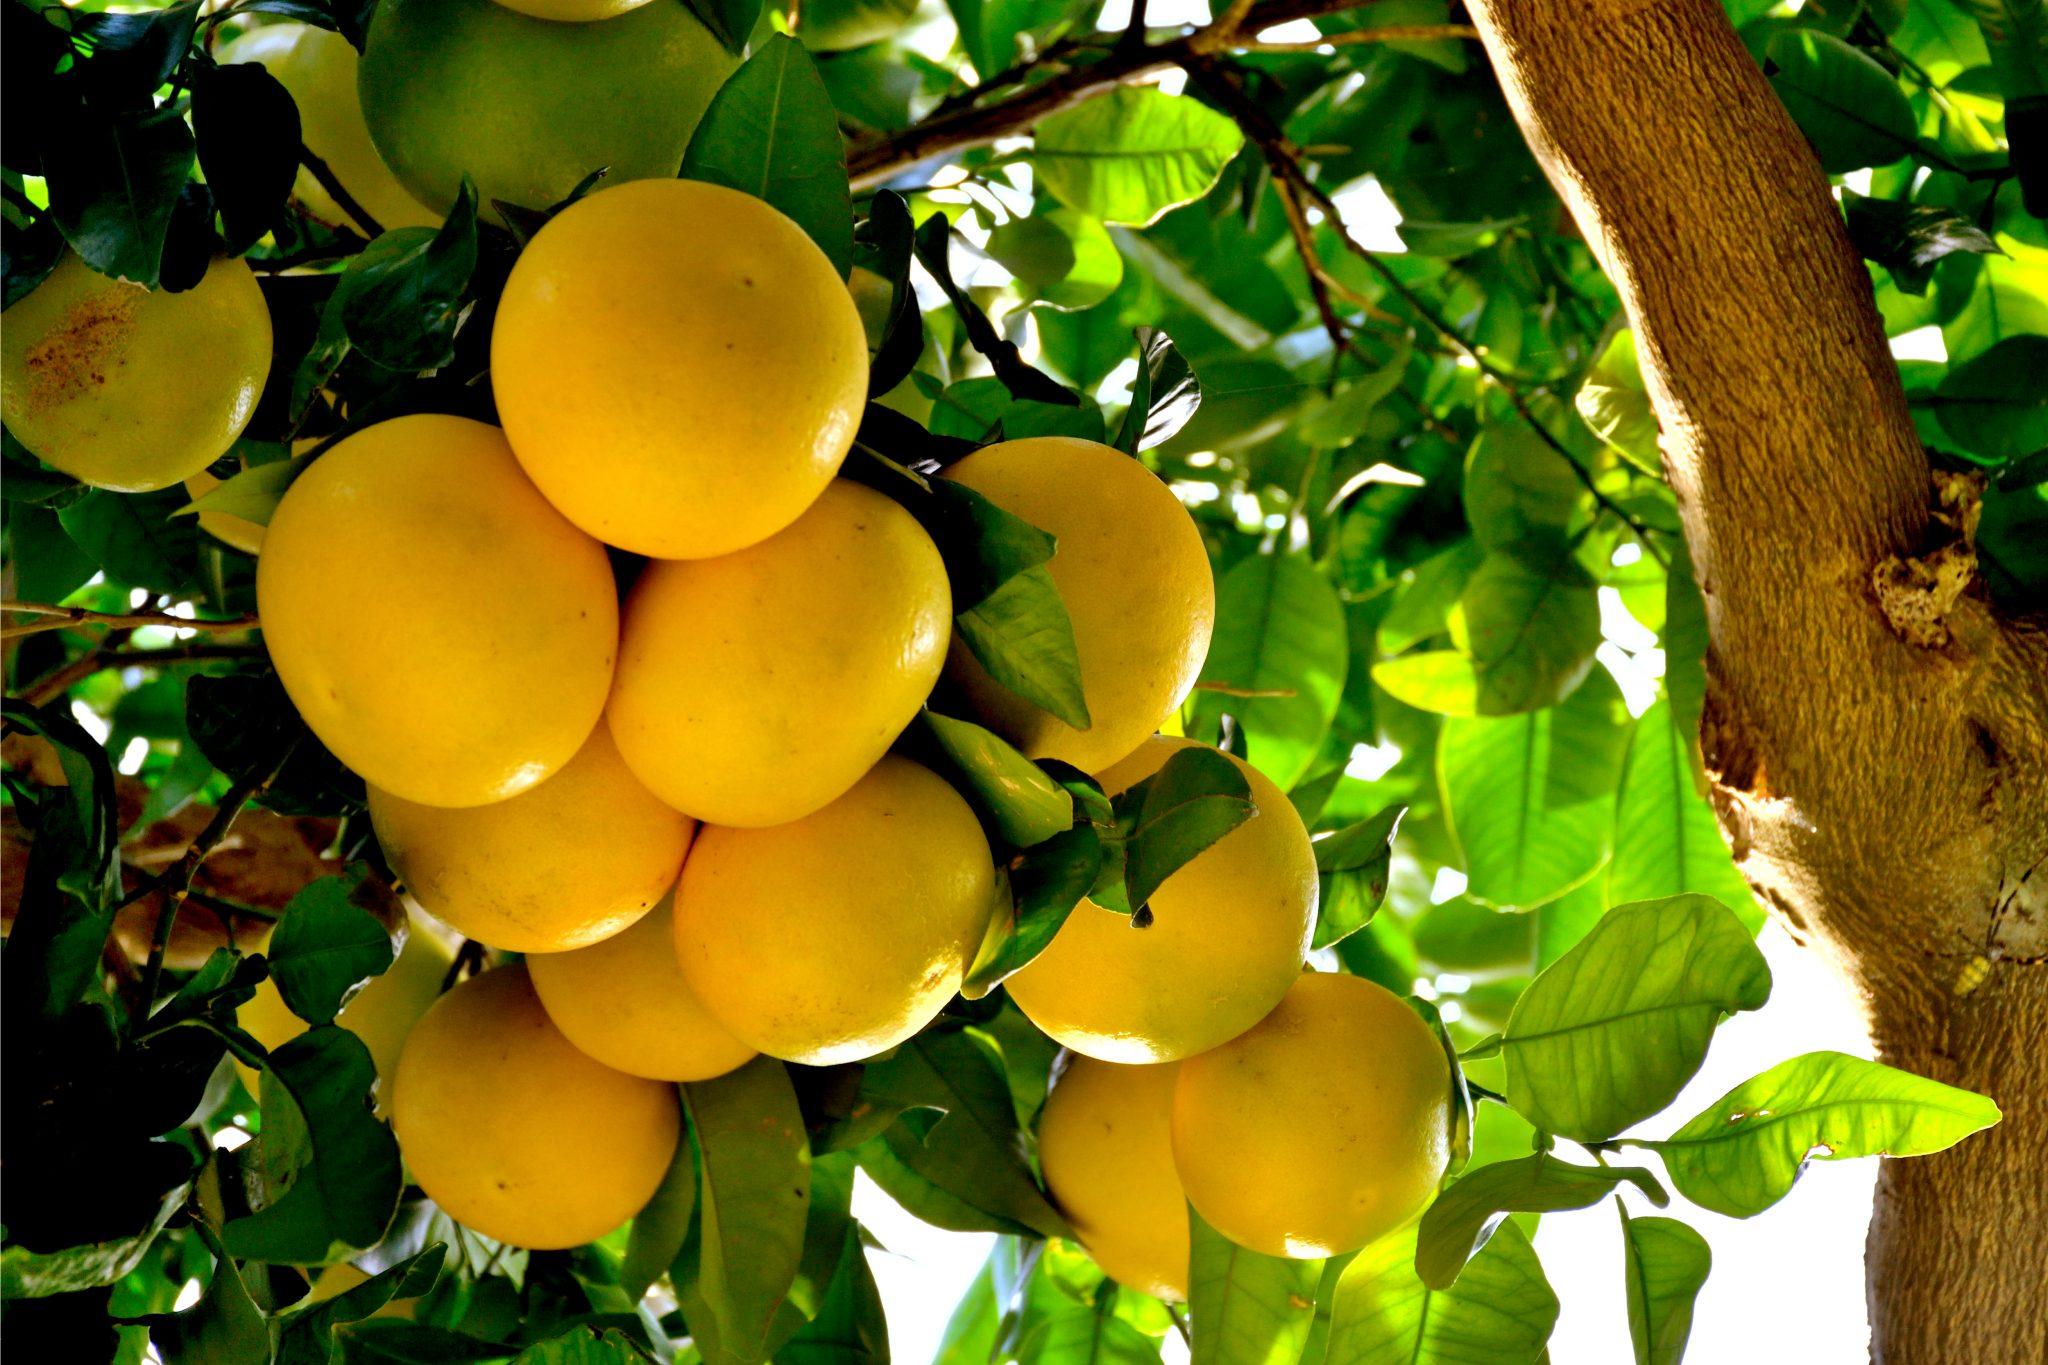 グレープフルーツの生え方